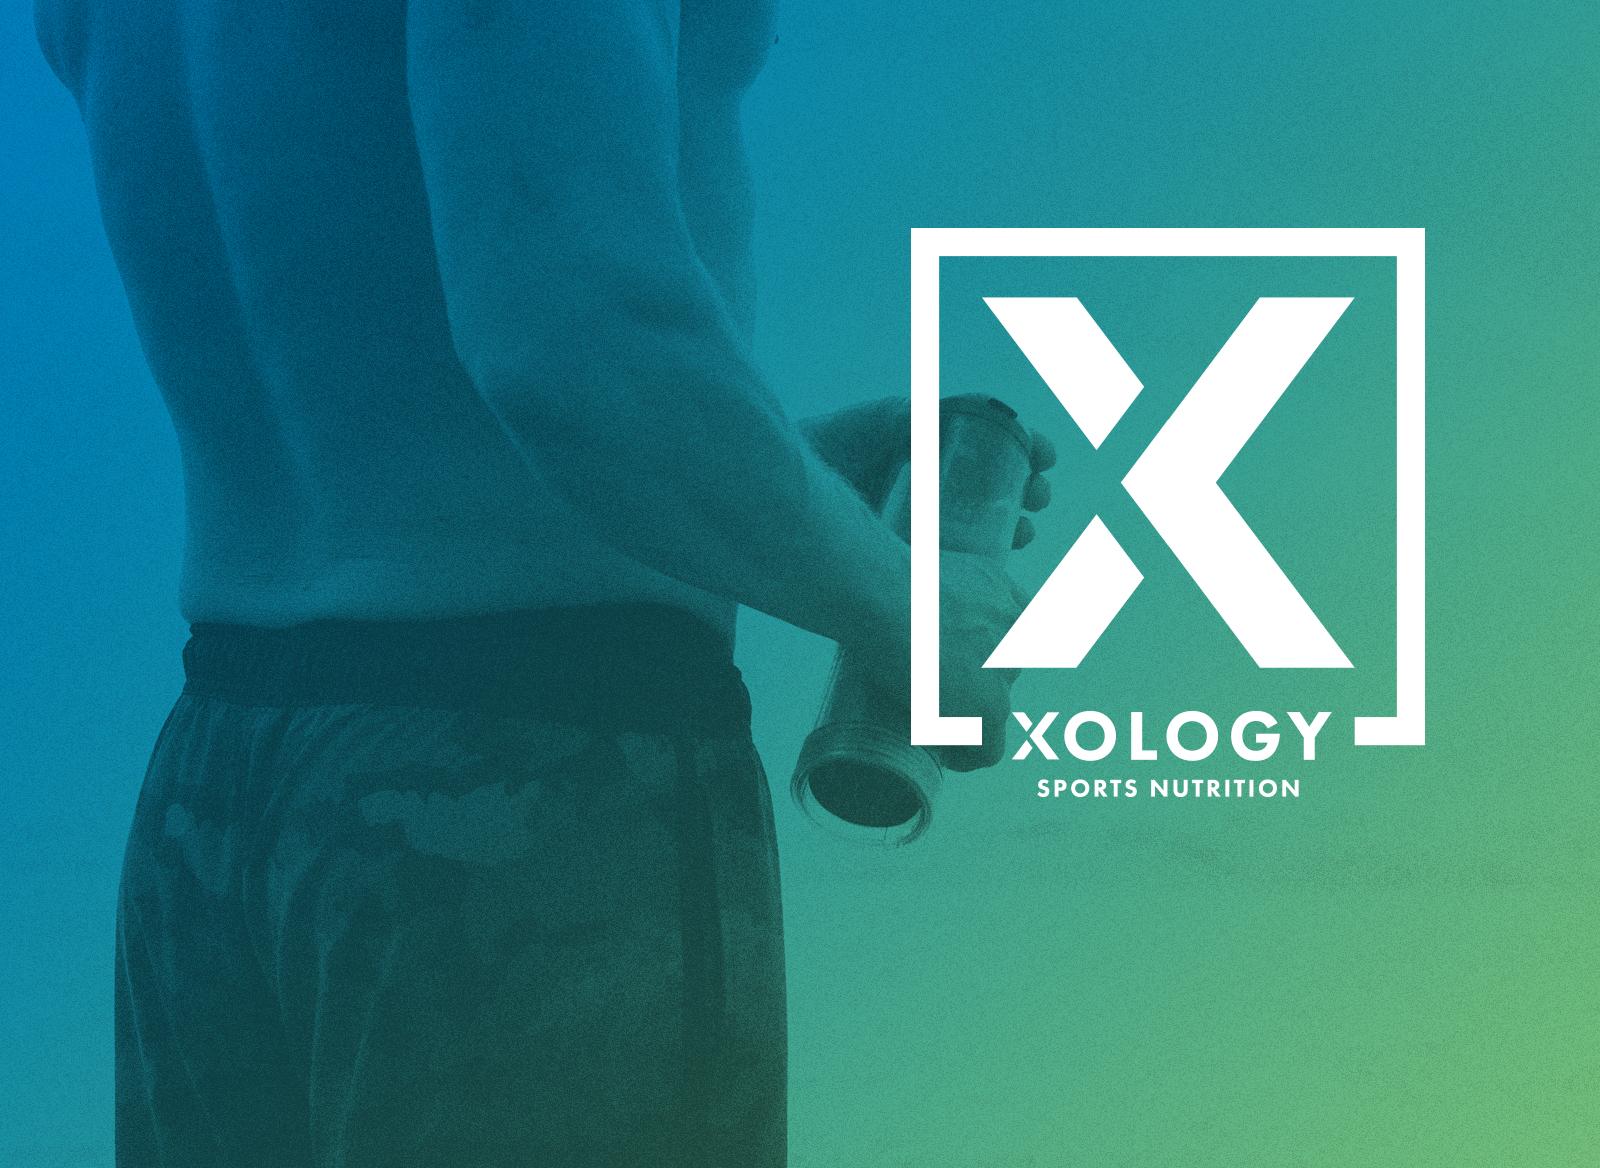 xolo_site3.jpg